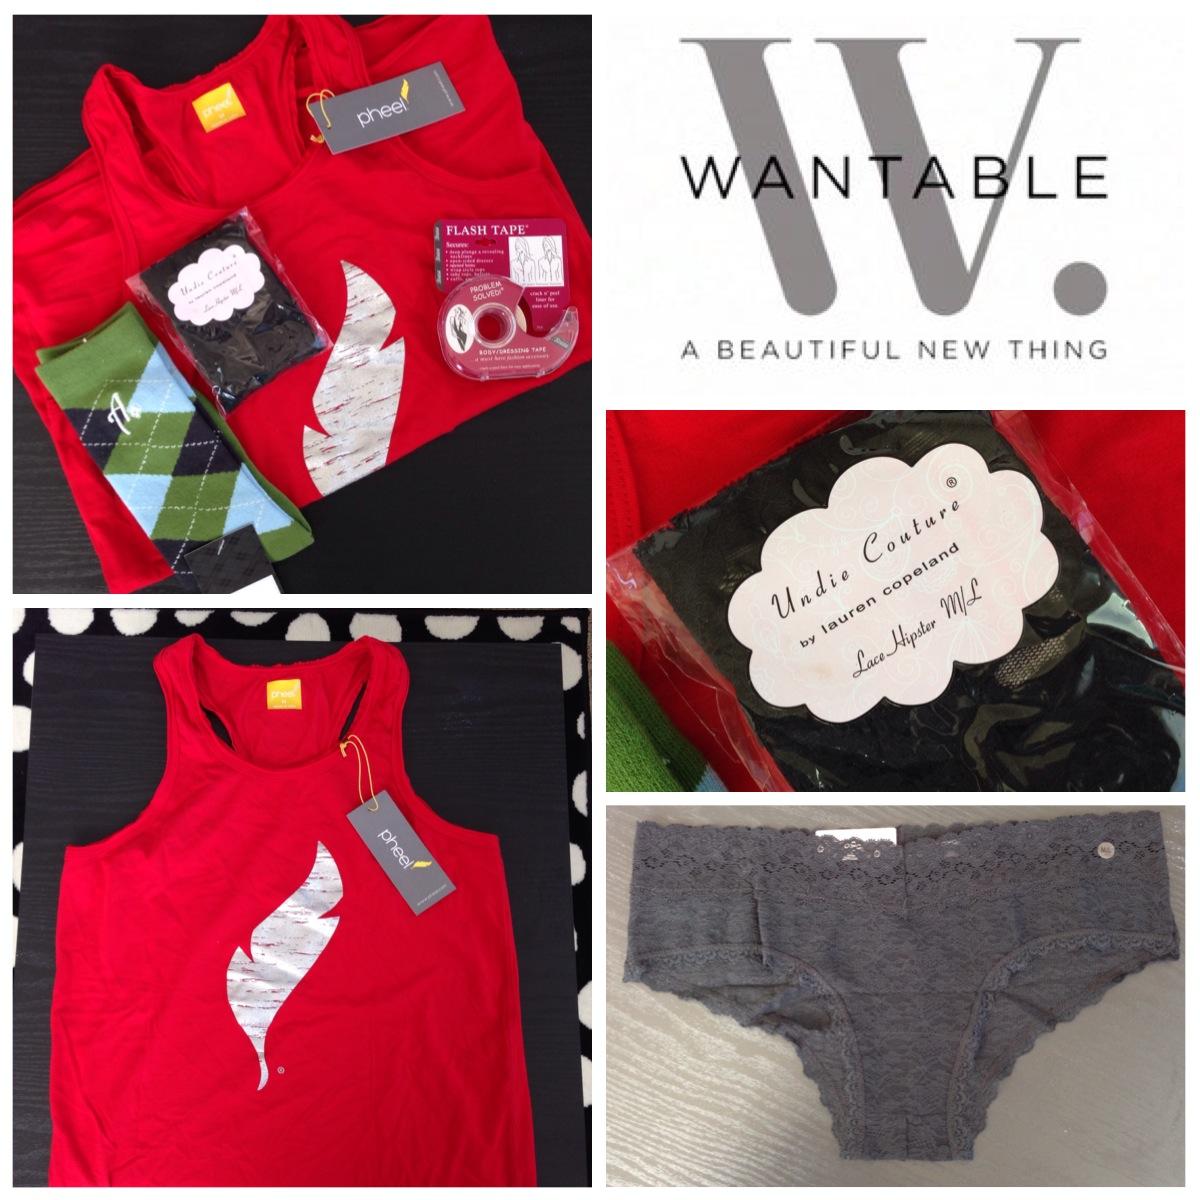 Wantable Intimates Box Review